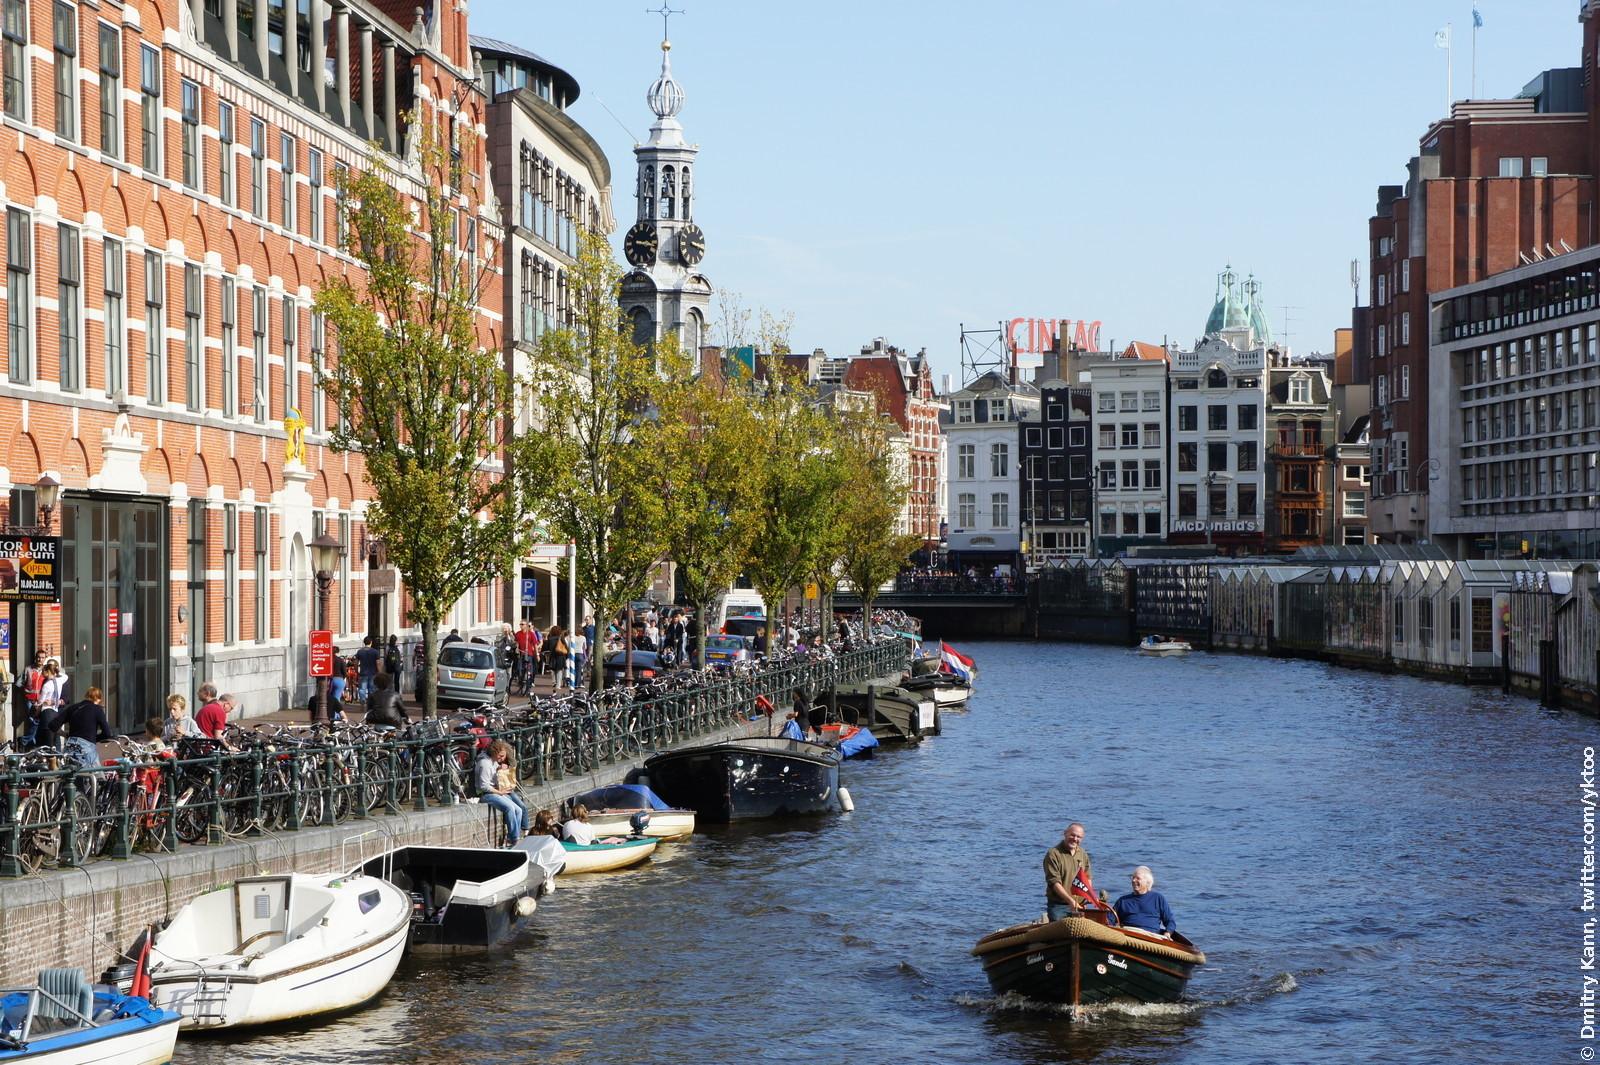 Канал в Амстердаме.